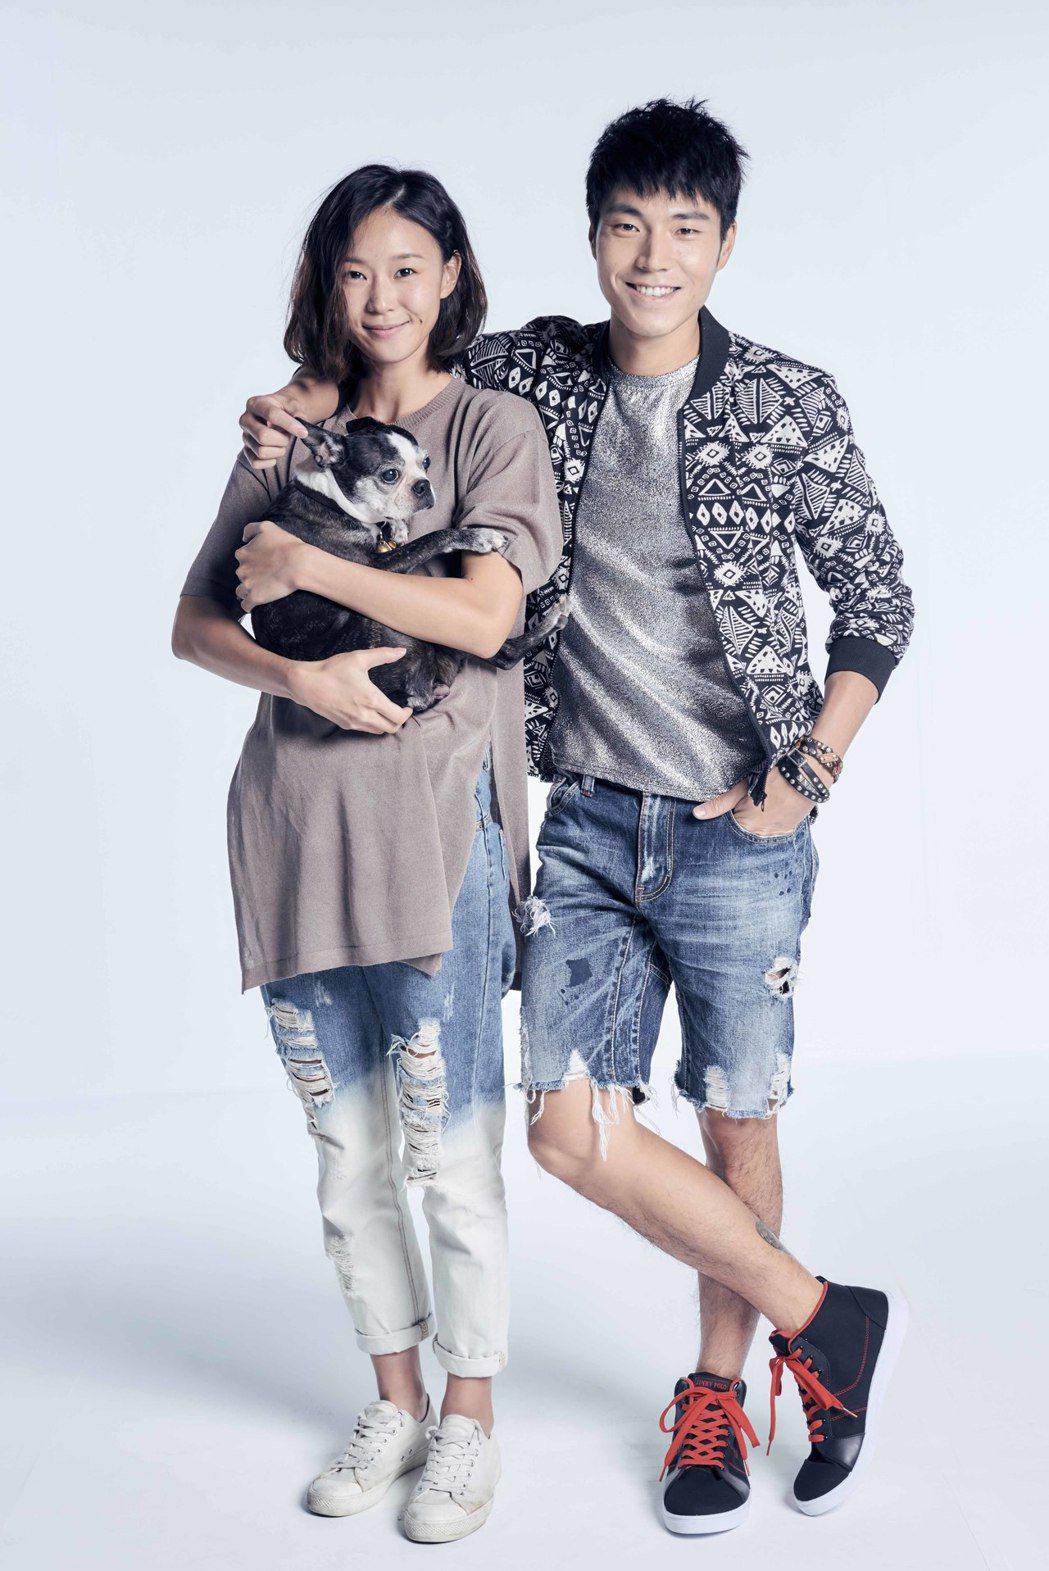 鍾瑤與唐振剛在「天使薇薇」中合作。圖/緯來電影台提供